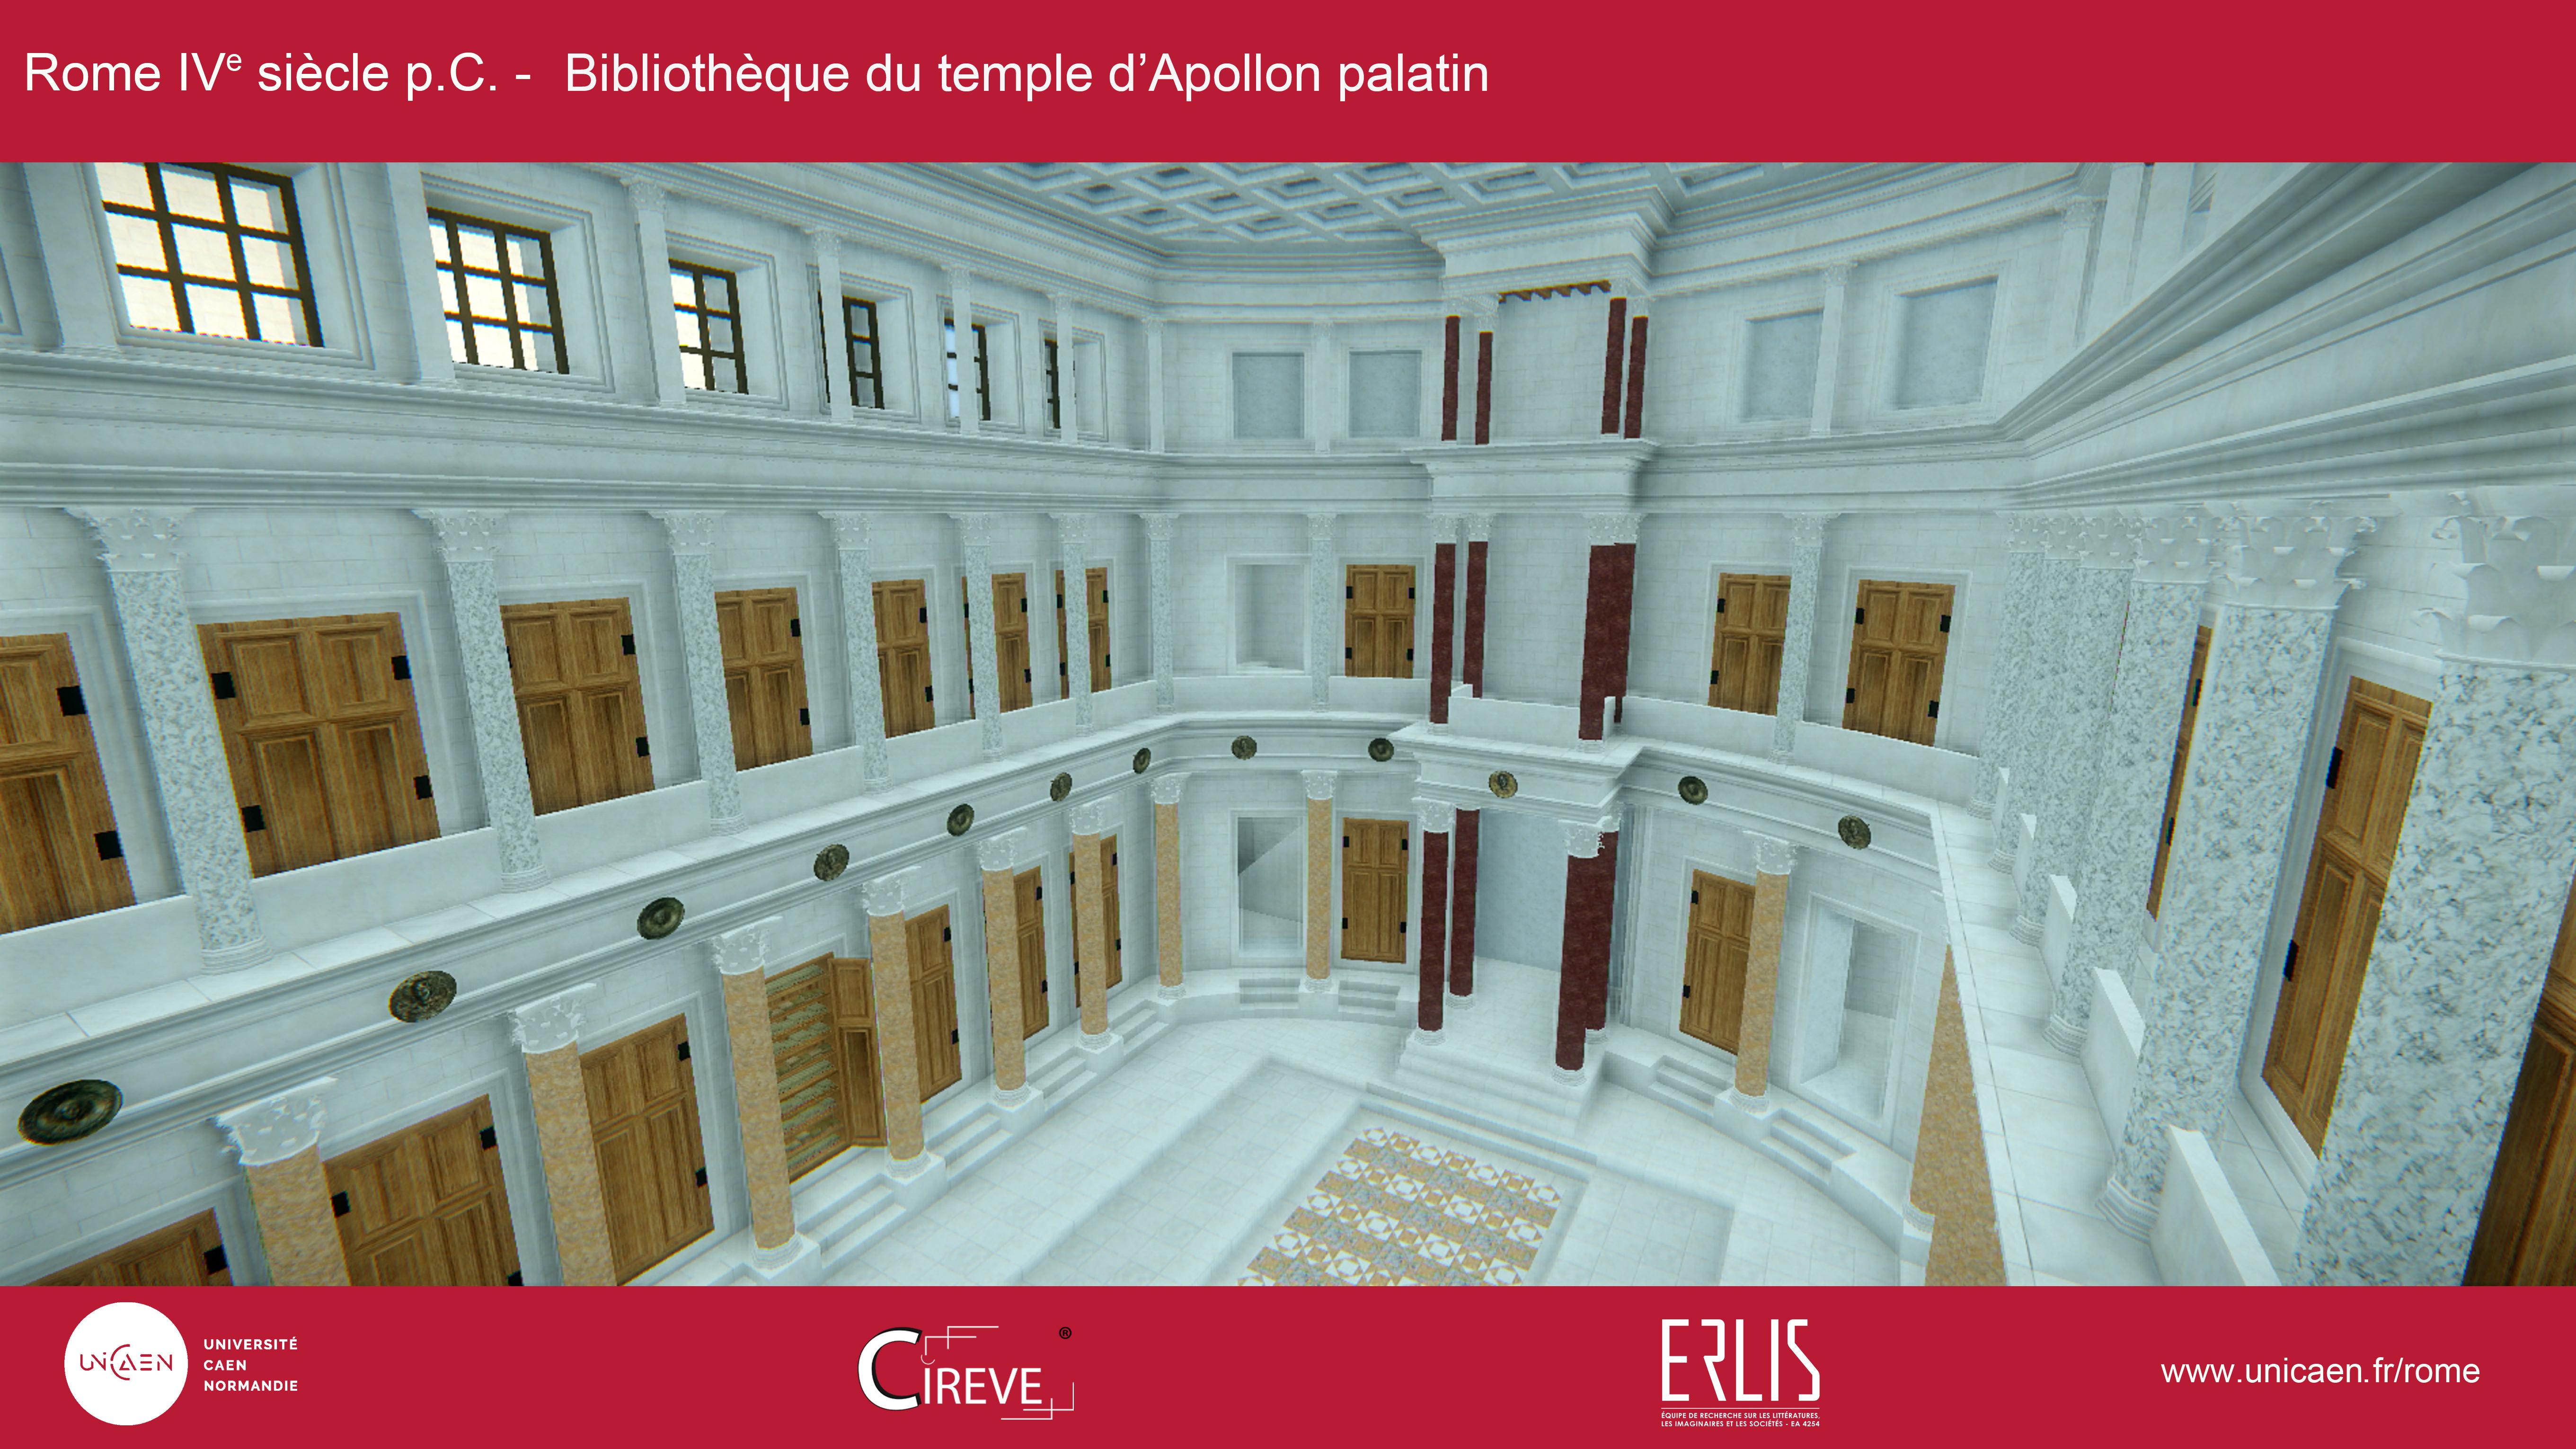 Bibliothèque du temple d'Apollon Palatin